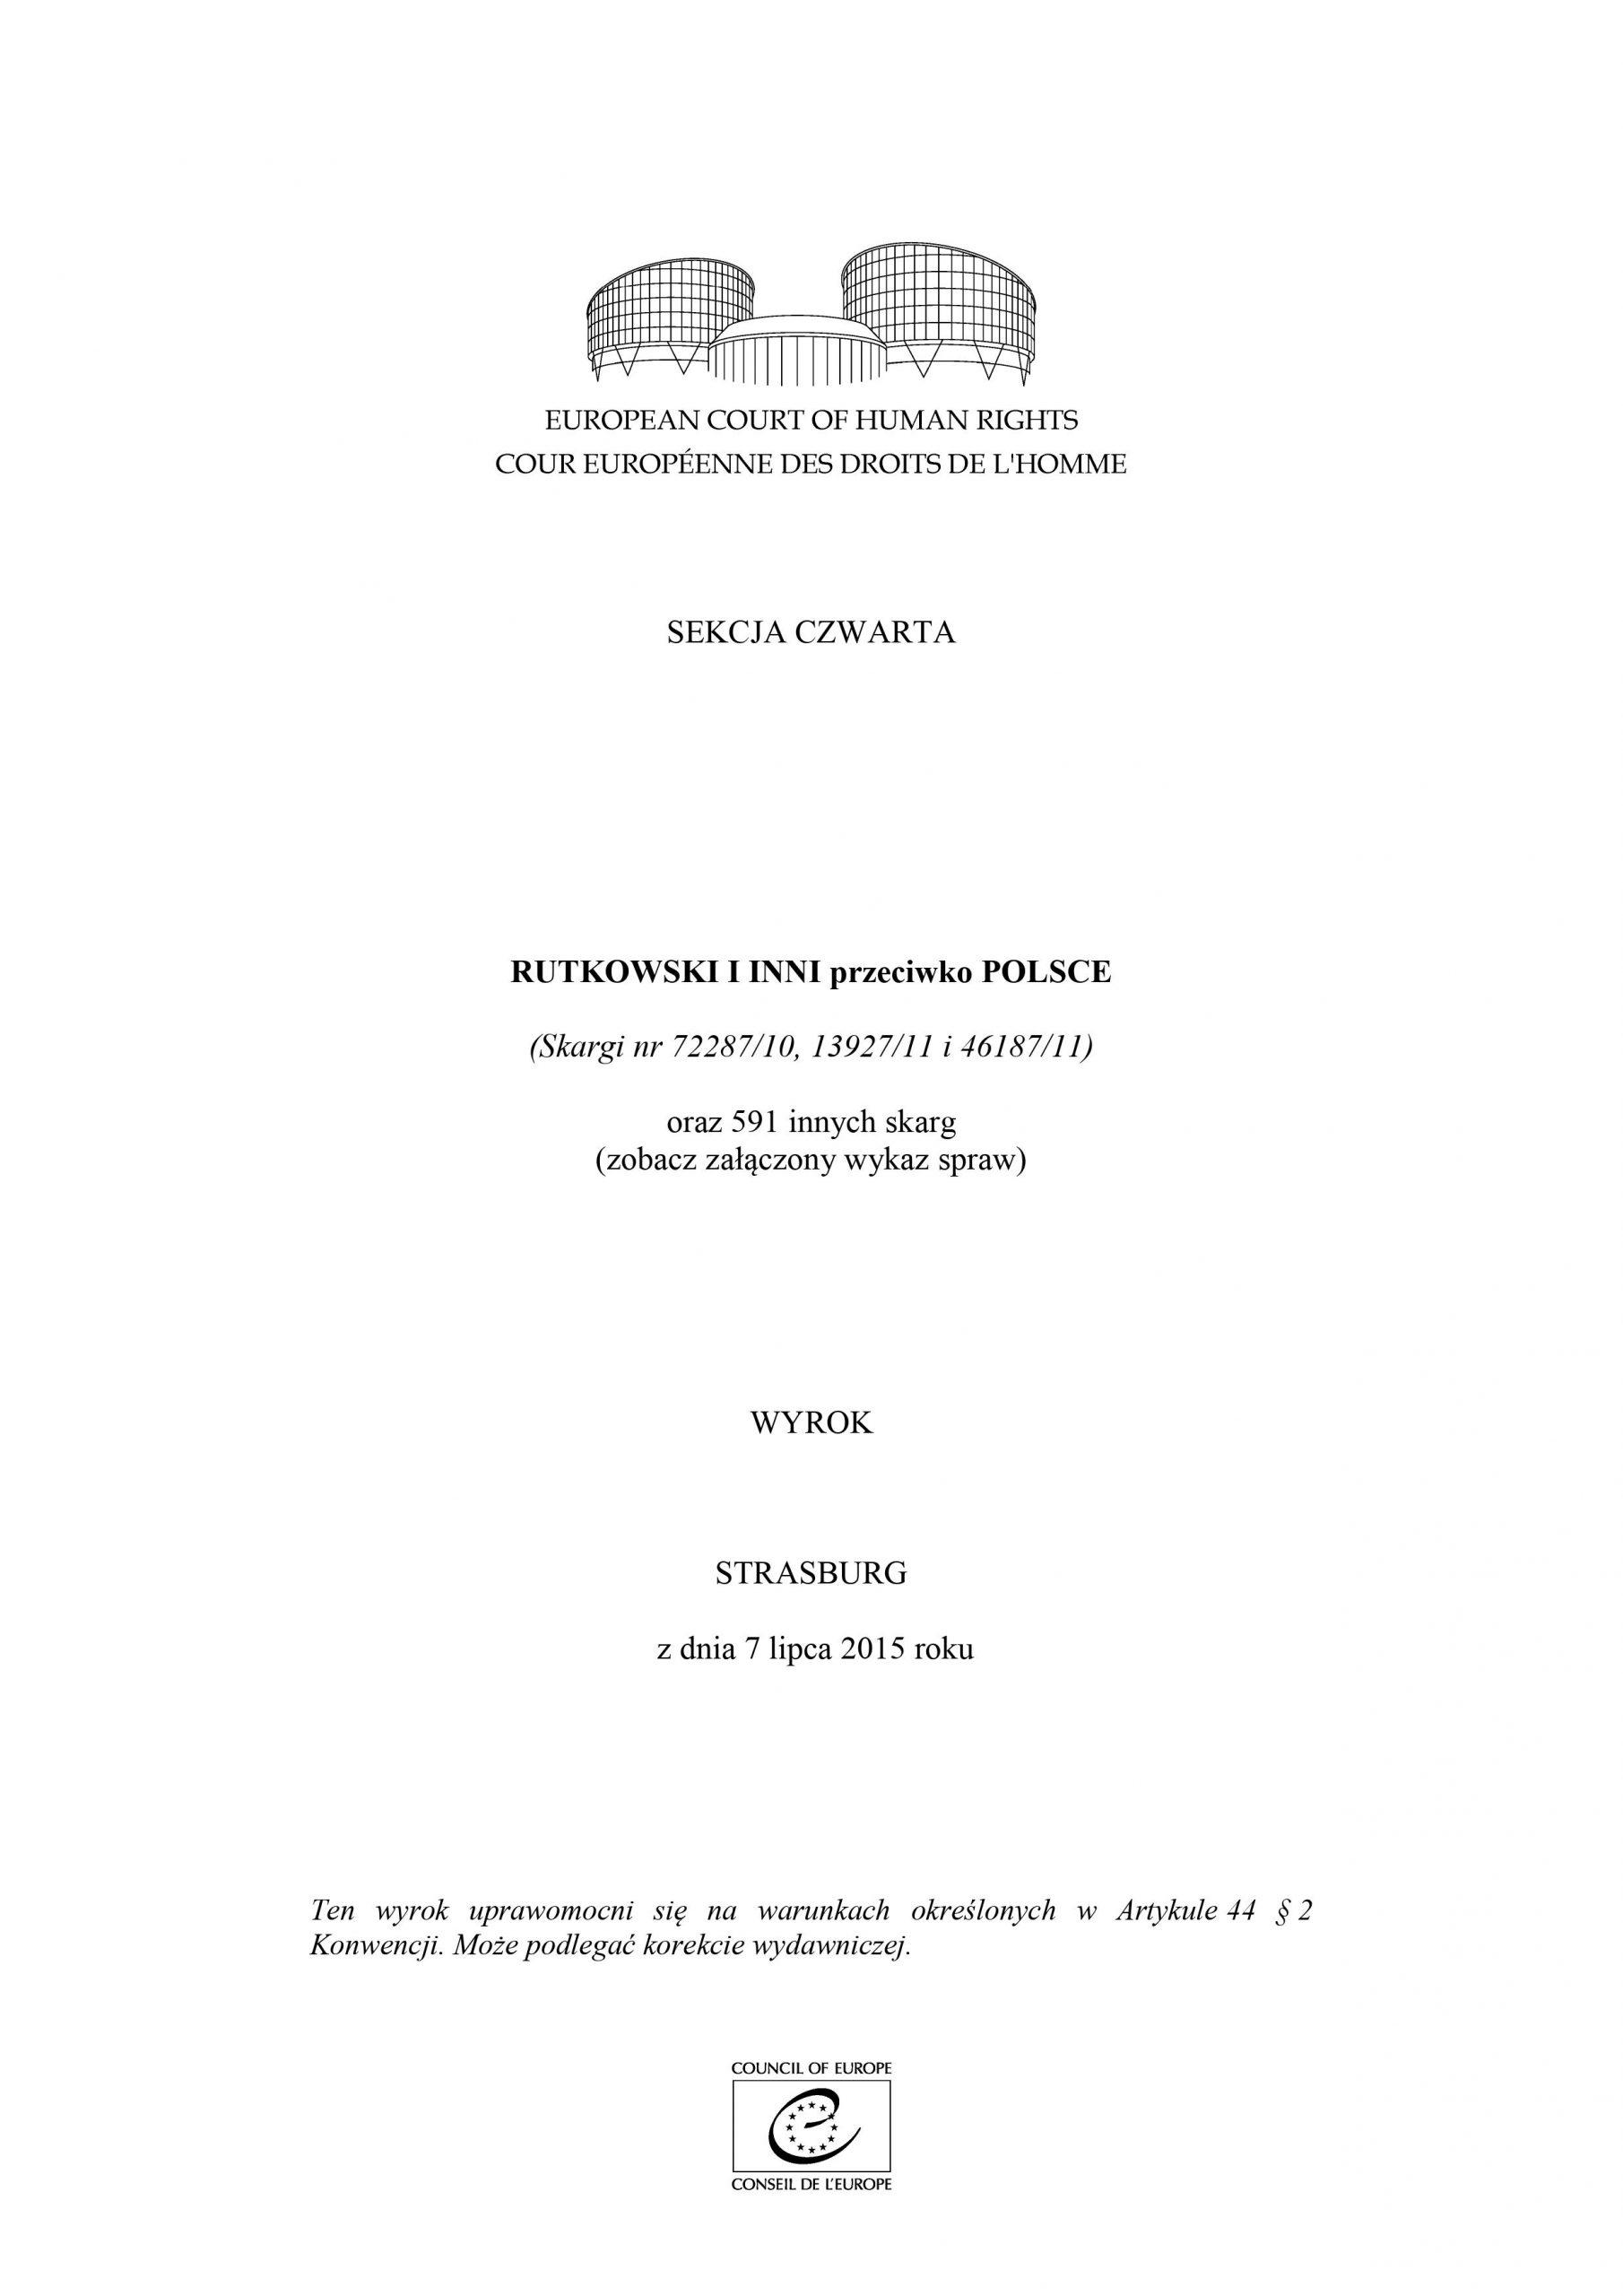 Pokazałem jak się zwycięża wEuropejskim Trybunale Praw Człowieka wStrasbourgu wygrywając zbyłym Rządem RP iProkuratorią Generalną Skarbu Państwa orazzMSZ zmianę prawa oprzewlekłości postępowań sądowych wPolsce i591 spraw wtym 5 spraw moichTomasza Romana Bracka imojejMamy Renaty Bracka ! Poniżej dowód wzałączonym linku, gdzie Trybunał Konstytucyjny RP publikuję mójiMamy zwycięski Wyrok zRządem RP, Prokuratorią Generalną RP, MSZ izgniłym sądownictwem polskim wETPCz wStrasbourgu zdnia 7 lipca 2015 r. mojenazwisko T. Bracka napoz 279 imojejmamy R. Bracka napoz 281 zwygranymi sprawami. Tym wyrokiem doprowadziłem zMamą Renatą Bracka dozmiany prawa oprzewlekłości postępowań sądowych iadministracyjnych wPolsce, podwyższając kwotę zadośćuczynienia zakażdy rok opóźnienia procesu sądowego wPolsce orazpostępowań administracyjnych wRP od500 zł do2 0000 złotych zakażdy rok opóźnienia - źródło https://trybunal.gov.pl/polskie-akcenty-w-orzecznictwie-miedzynarodowym/rada-europy-europejski-trybunal-praw-czlowieka/w-sprawach-polskich/art/8614-sprawa-rutkowski-i-inni-przeciwko-polsce-skargi-nr-72287-10-13927-11-i-46187-11-oraz-591-innych-sk/?fbclid=IwAR03ernaOTm48OL8gk6ohl82hQJbsempbOzAcVete4B1HF_hclYP-7aeowQ